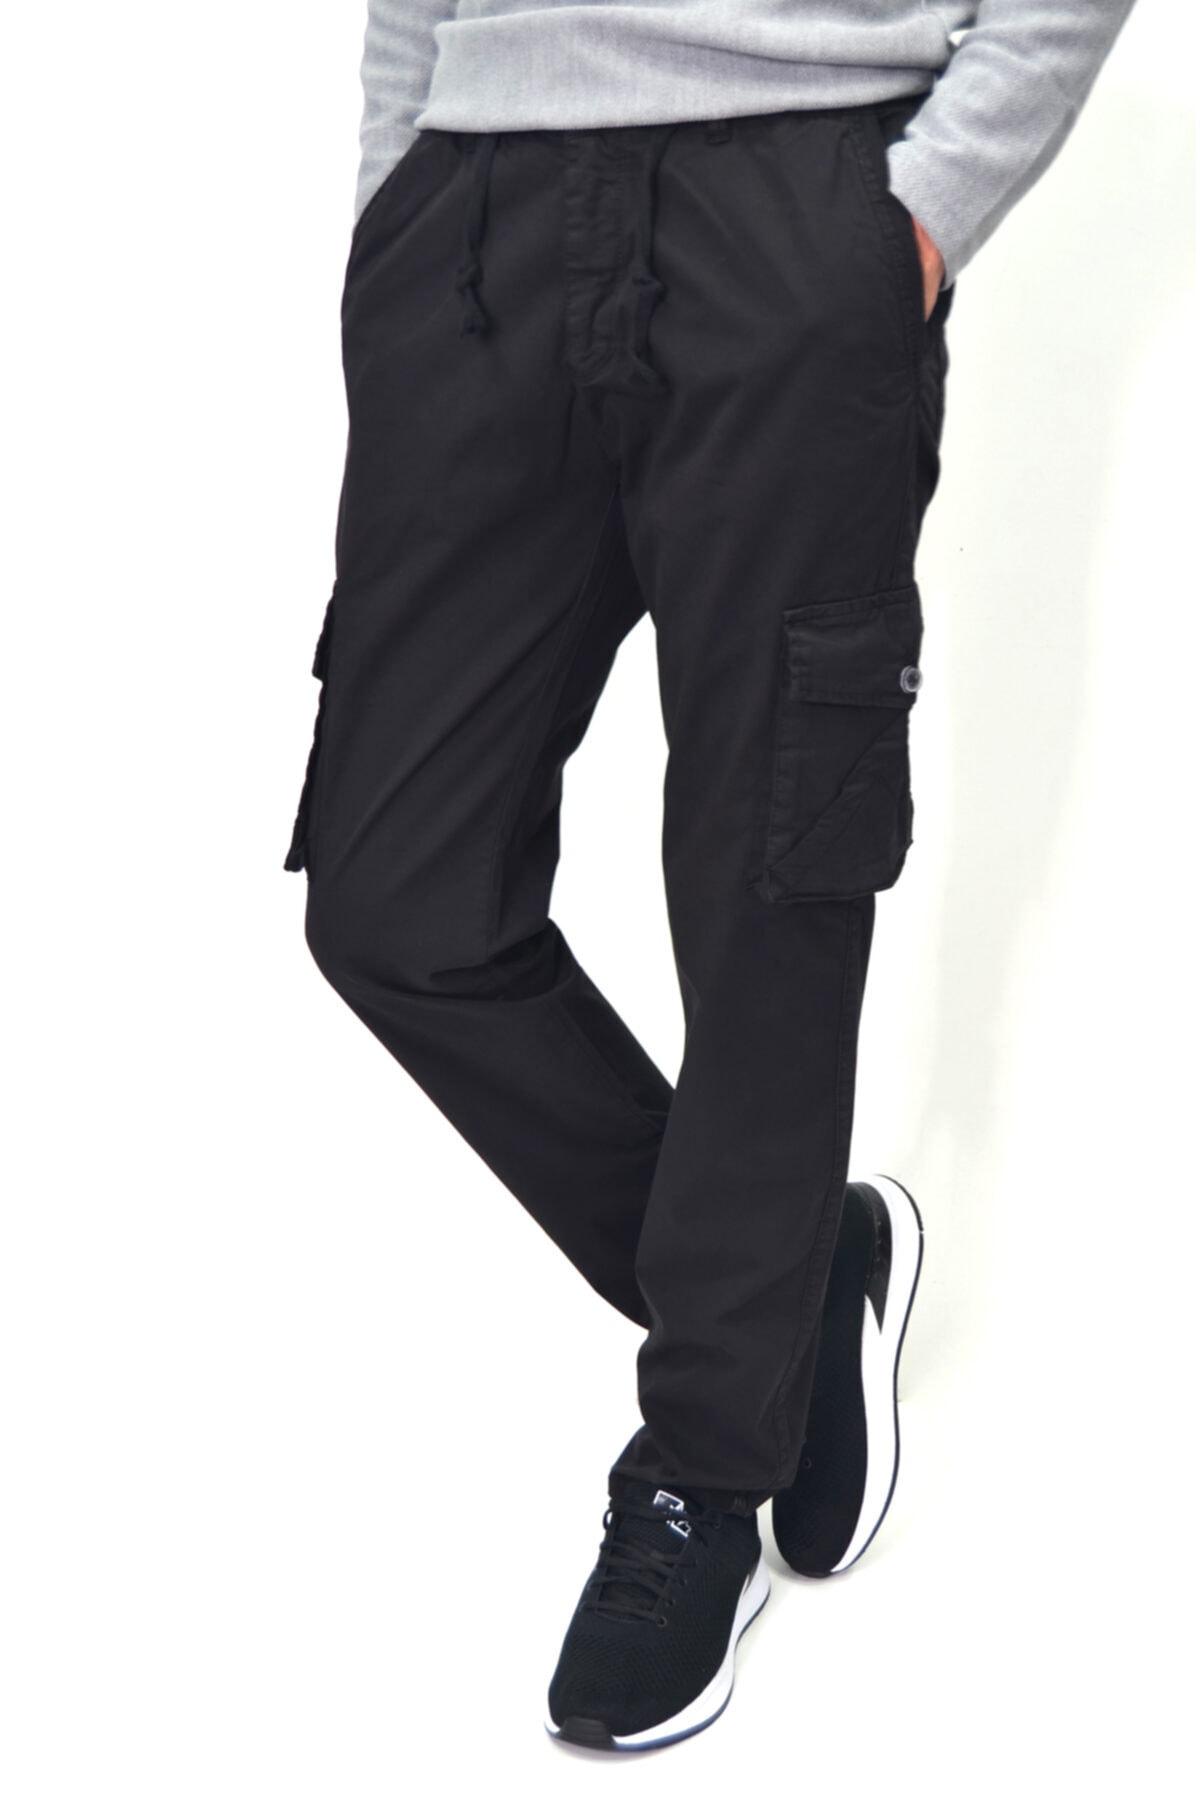 ds danlıspor Erkek Beli Lastikli Likralı Kargo Cep Pantolon 20109 1